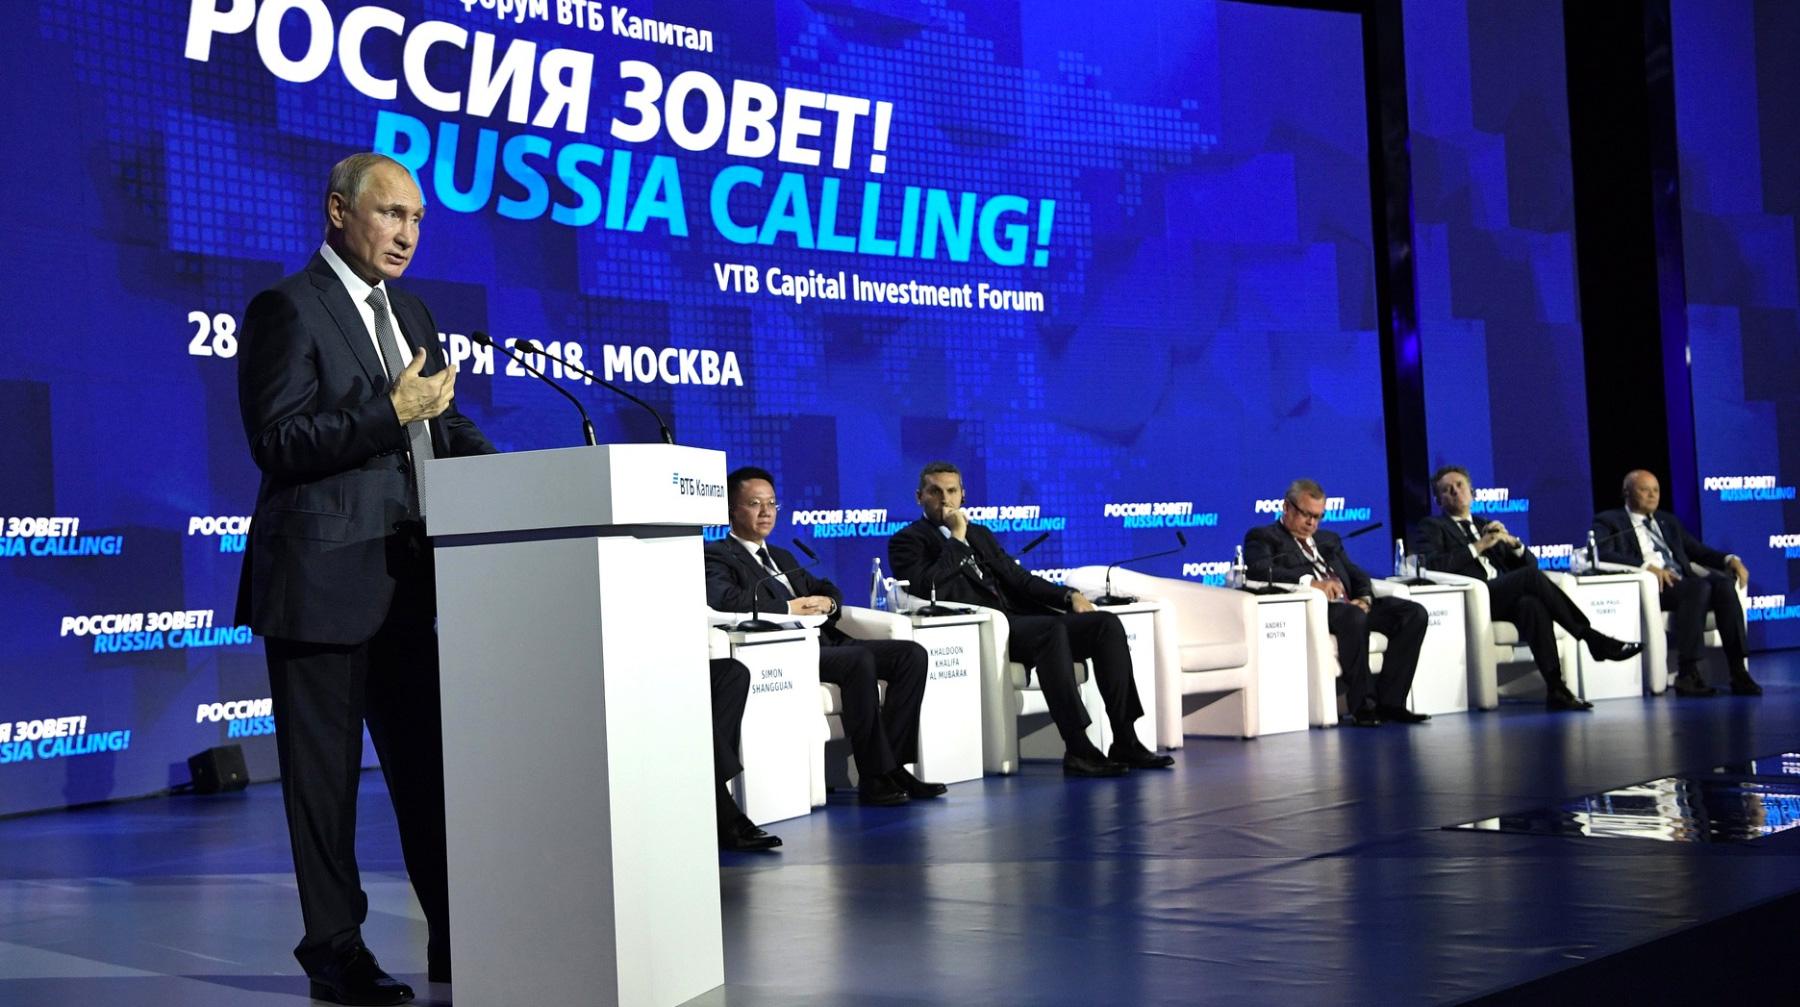 Президент заявил что Россия еще будет меняться к лучшему но пока уходить он не собирается